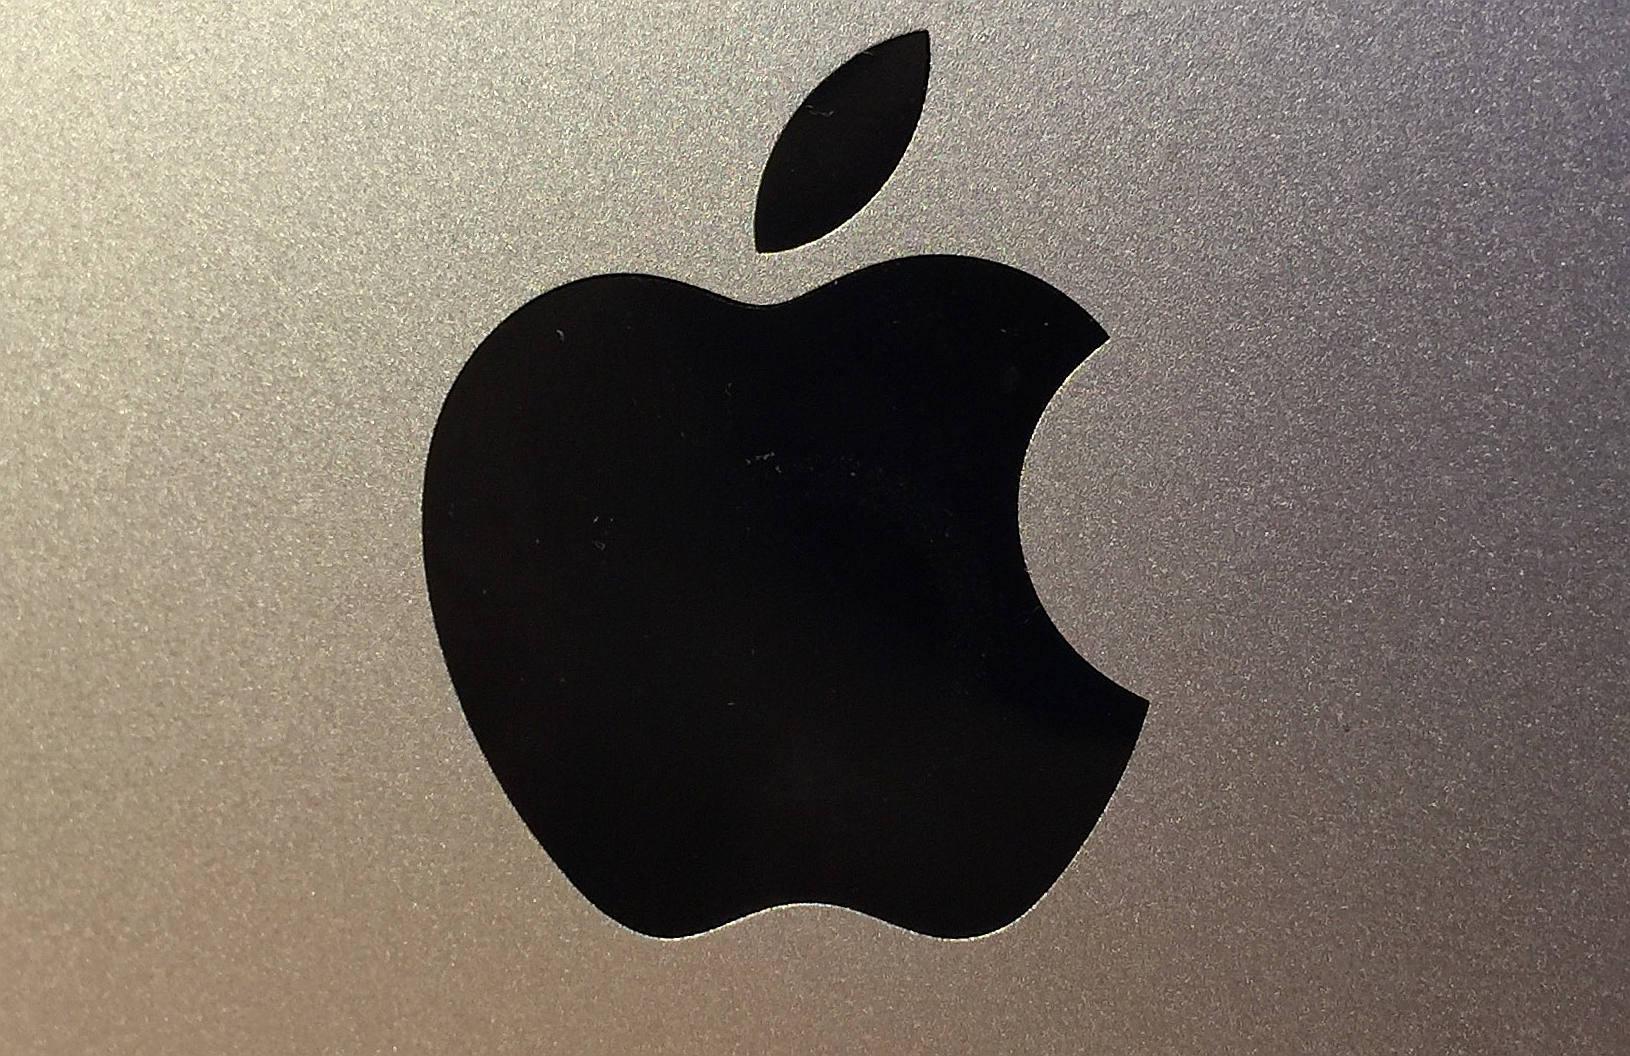 iMac lässt sich nicht einschalten: Abhilfe